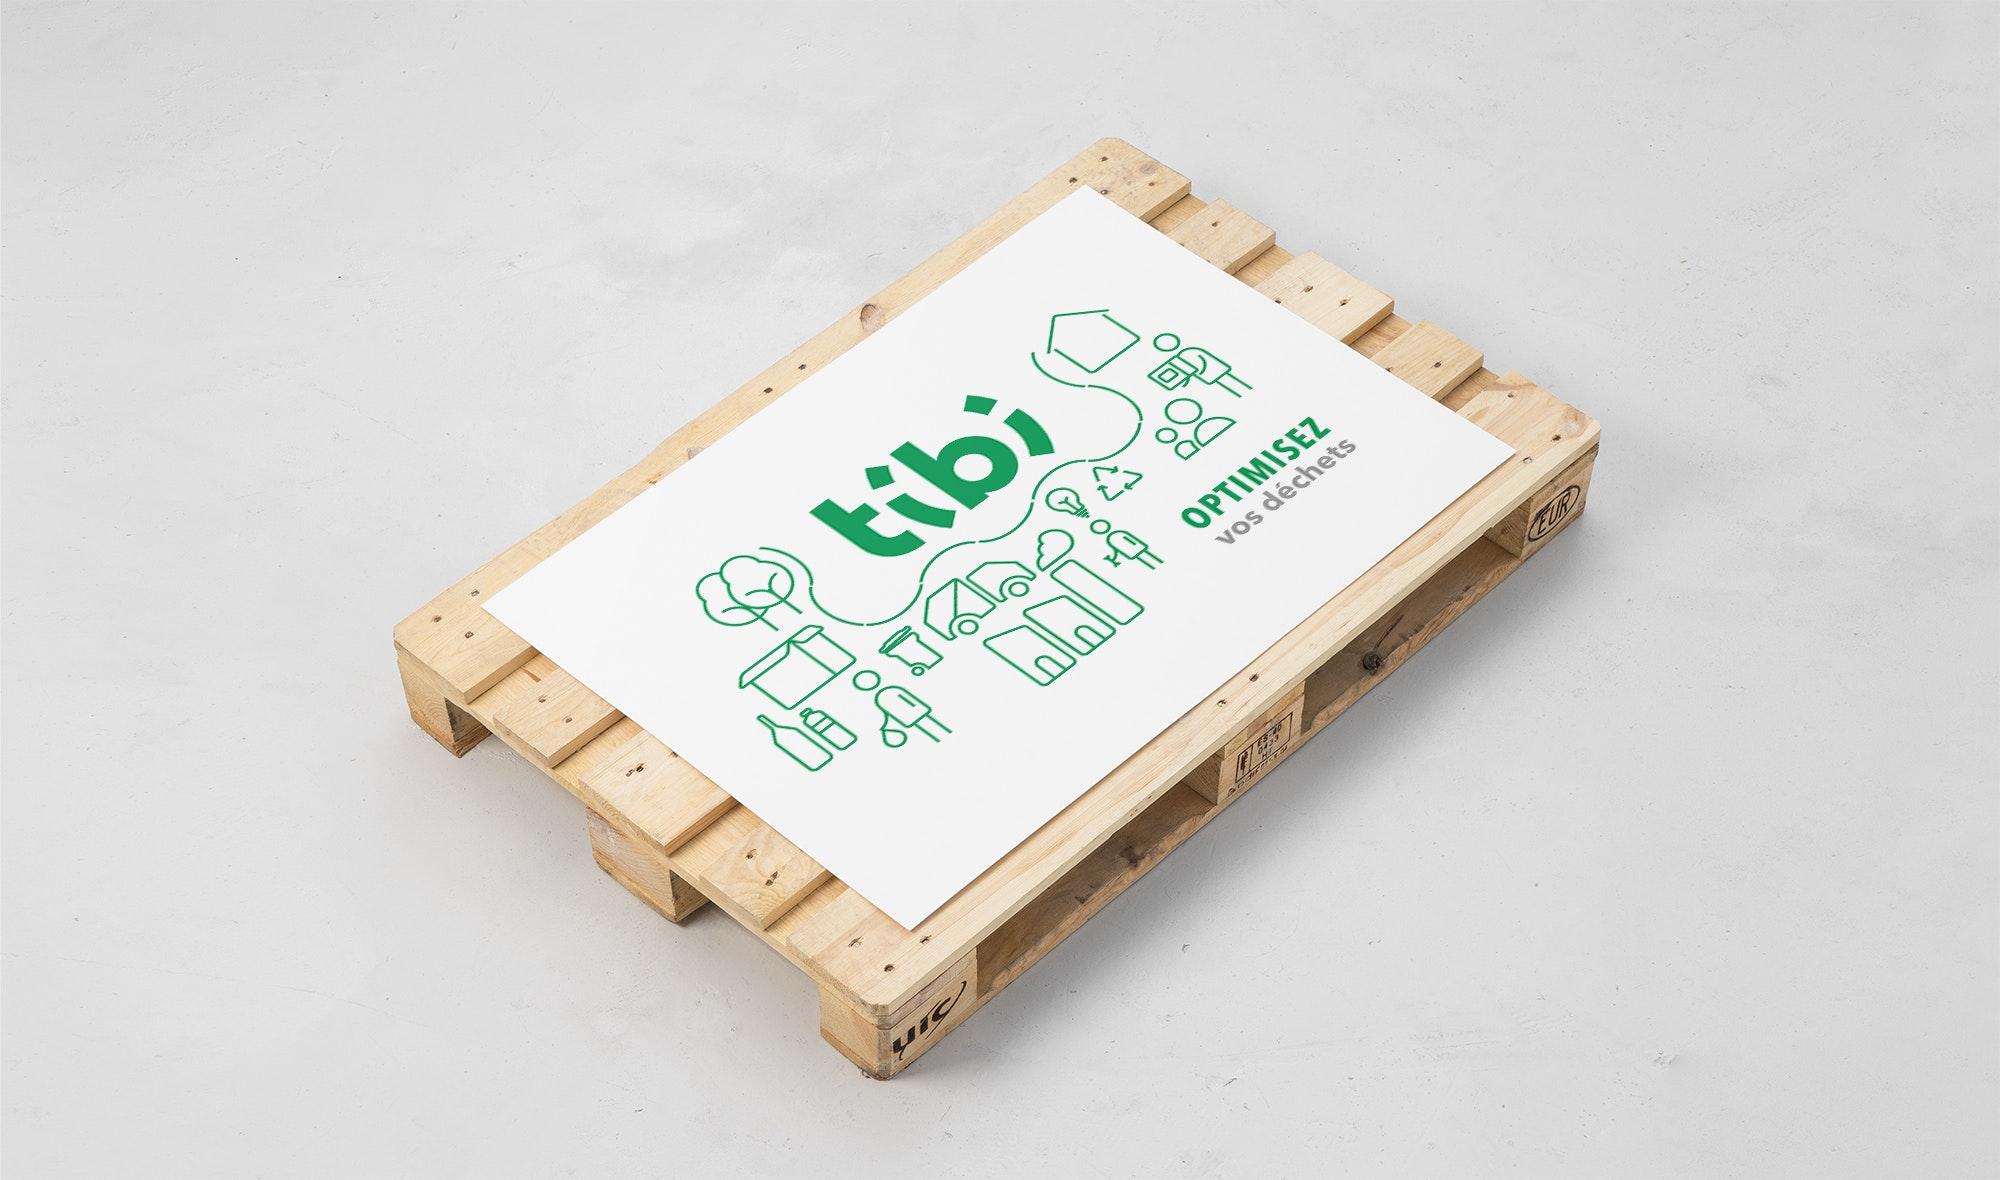 Tibi-Renewing recycling.